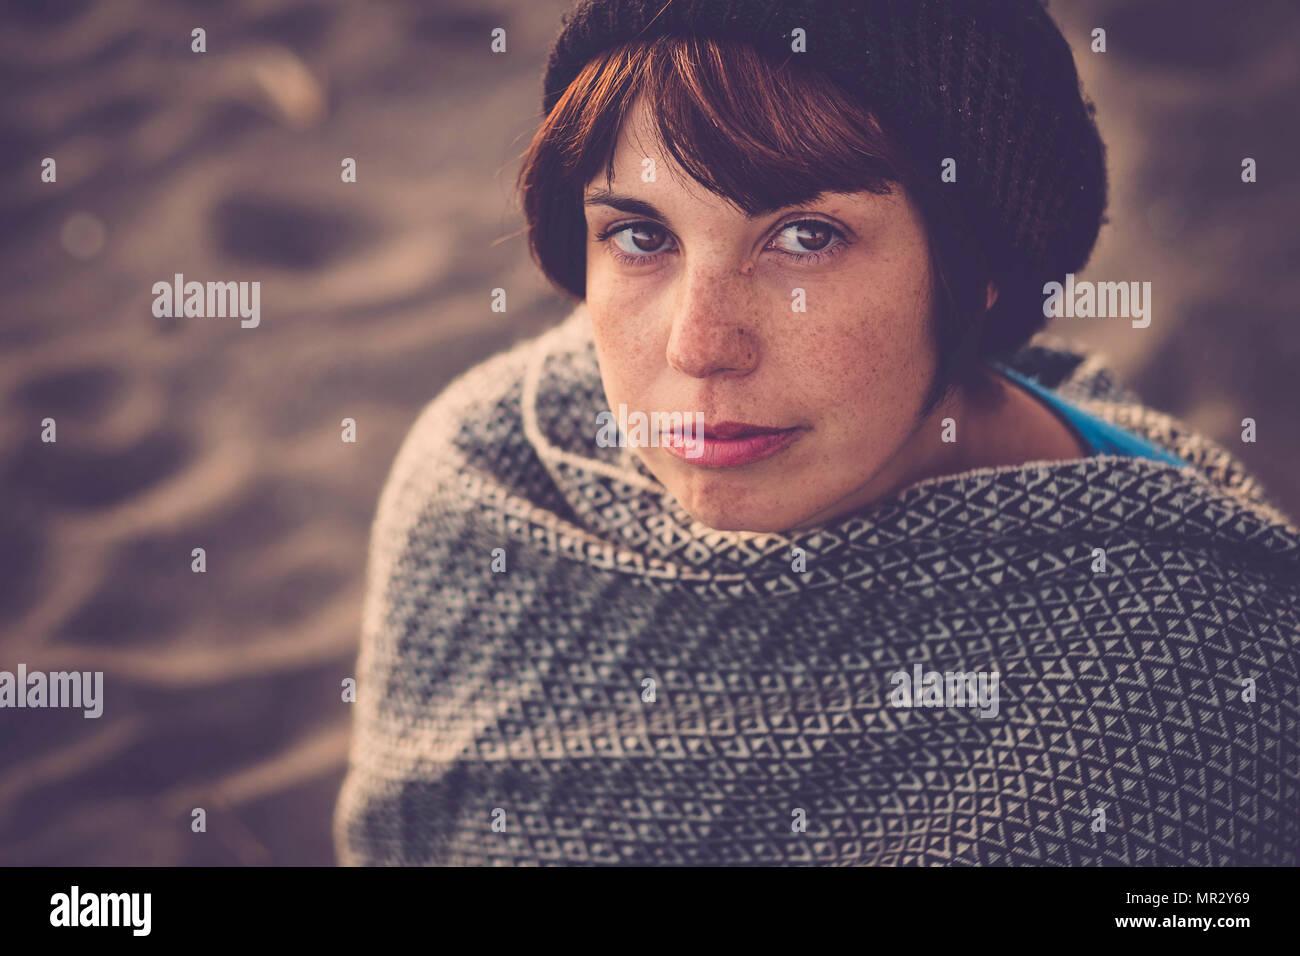 Bonita señorita retrato en estilo vintage filtro. Mire a la cámara, con pecas en la cara Imagen De Stock